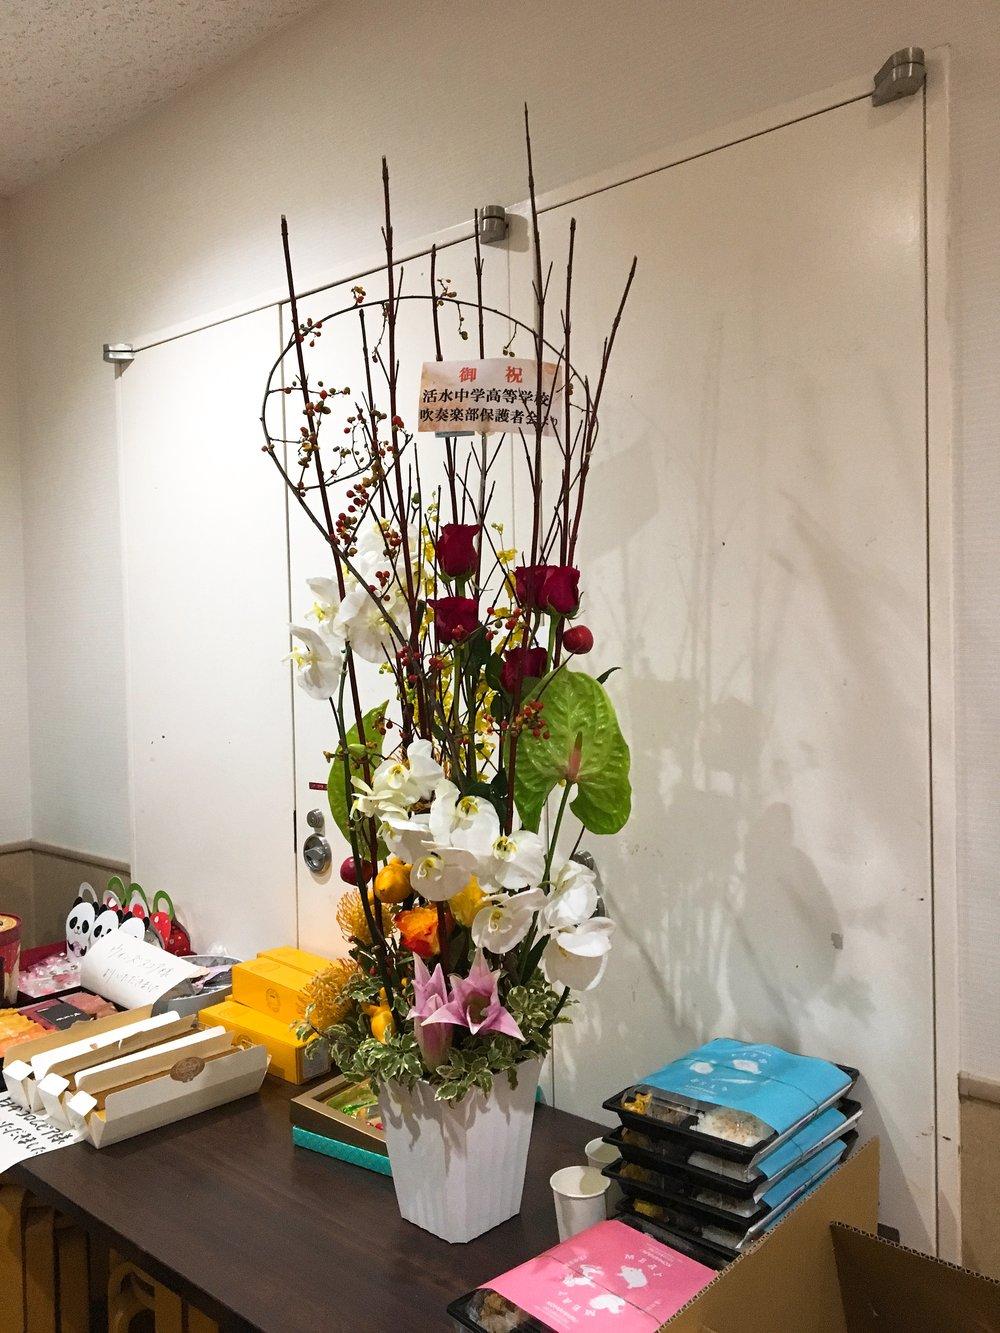 活水中学高等学校吹奏楽部保護者会様より素敵なお花を頂きました!